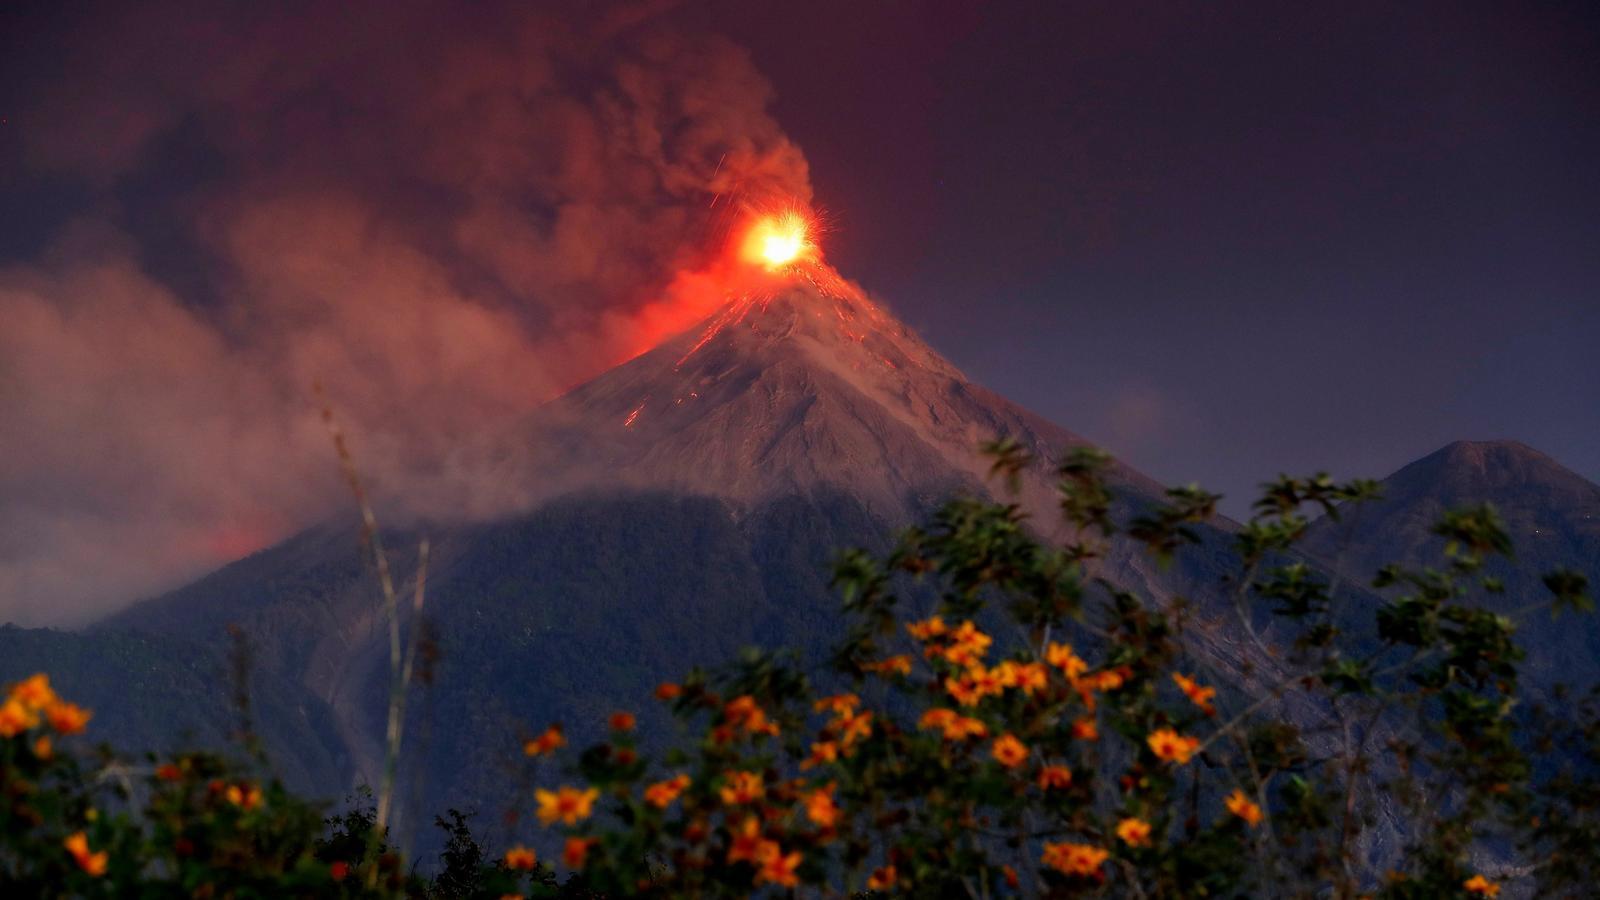 Vistes de l'erupció del volcà Fuego, Guatemala.